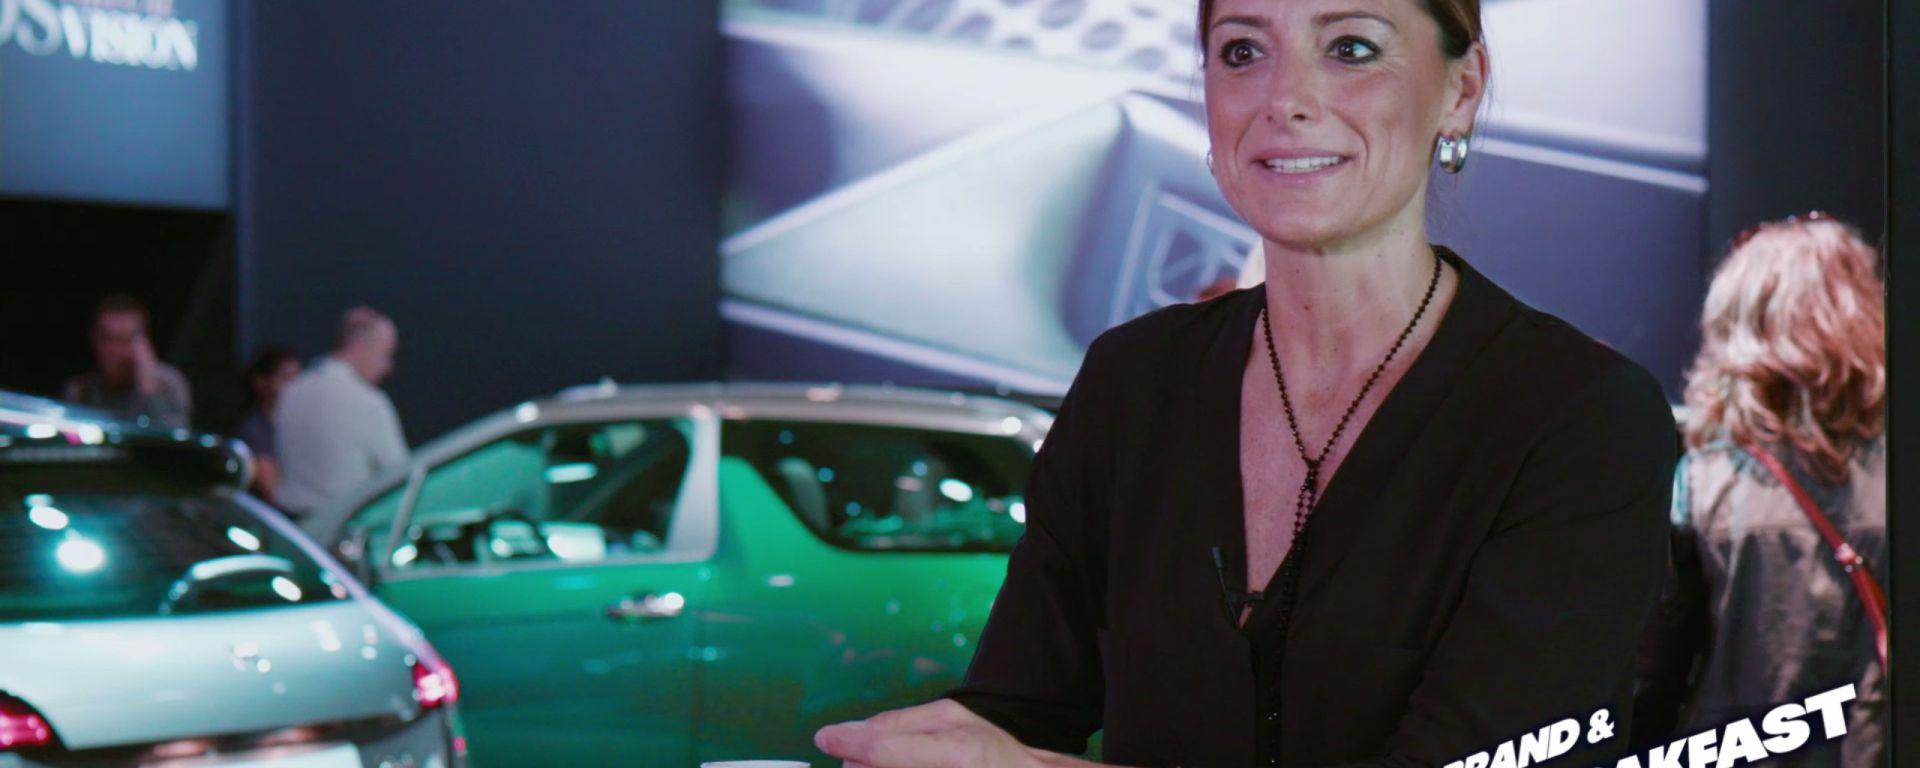 Elena Fumagalli, Responsabile Comunicazione DS Automobiles Italia